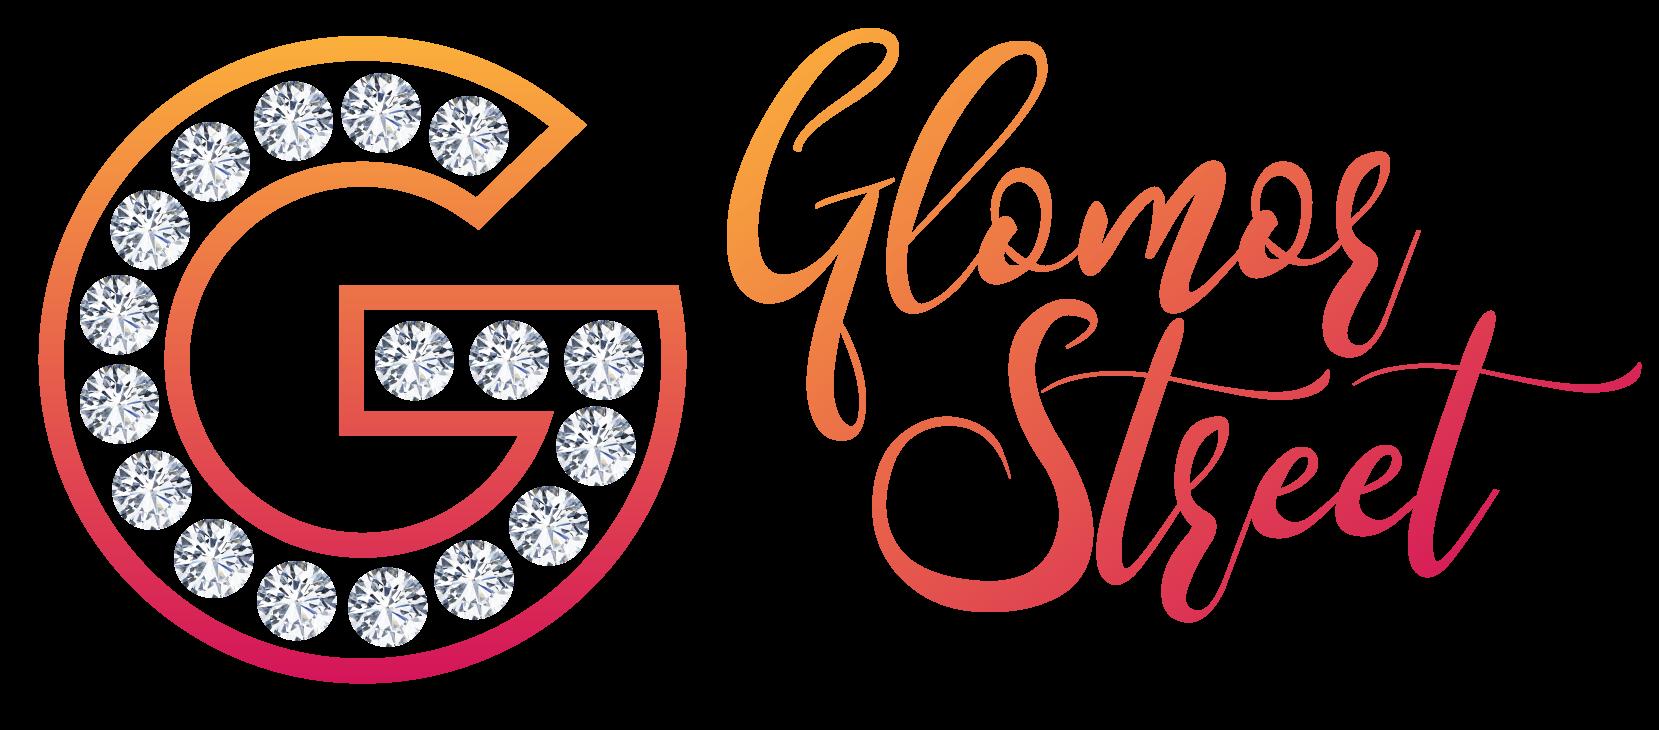 GLAMOR STREET